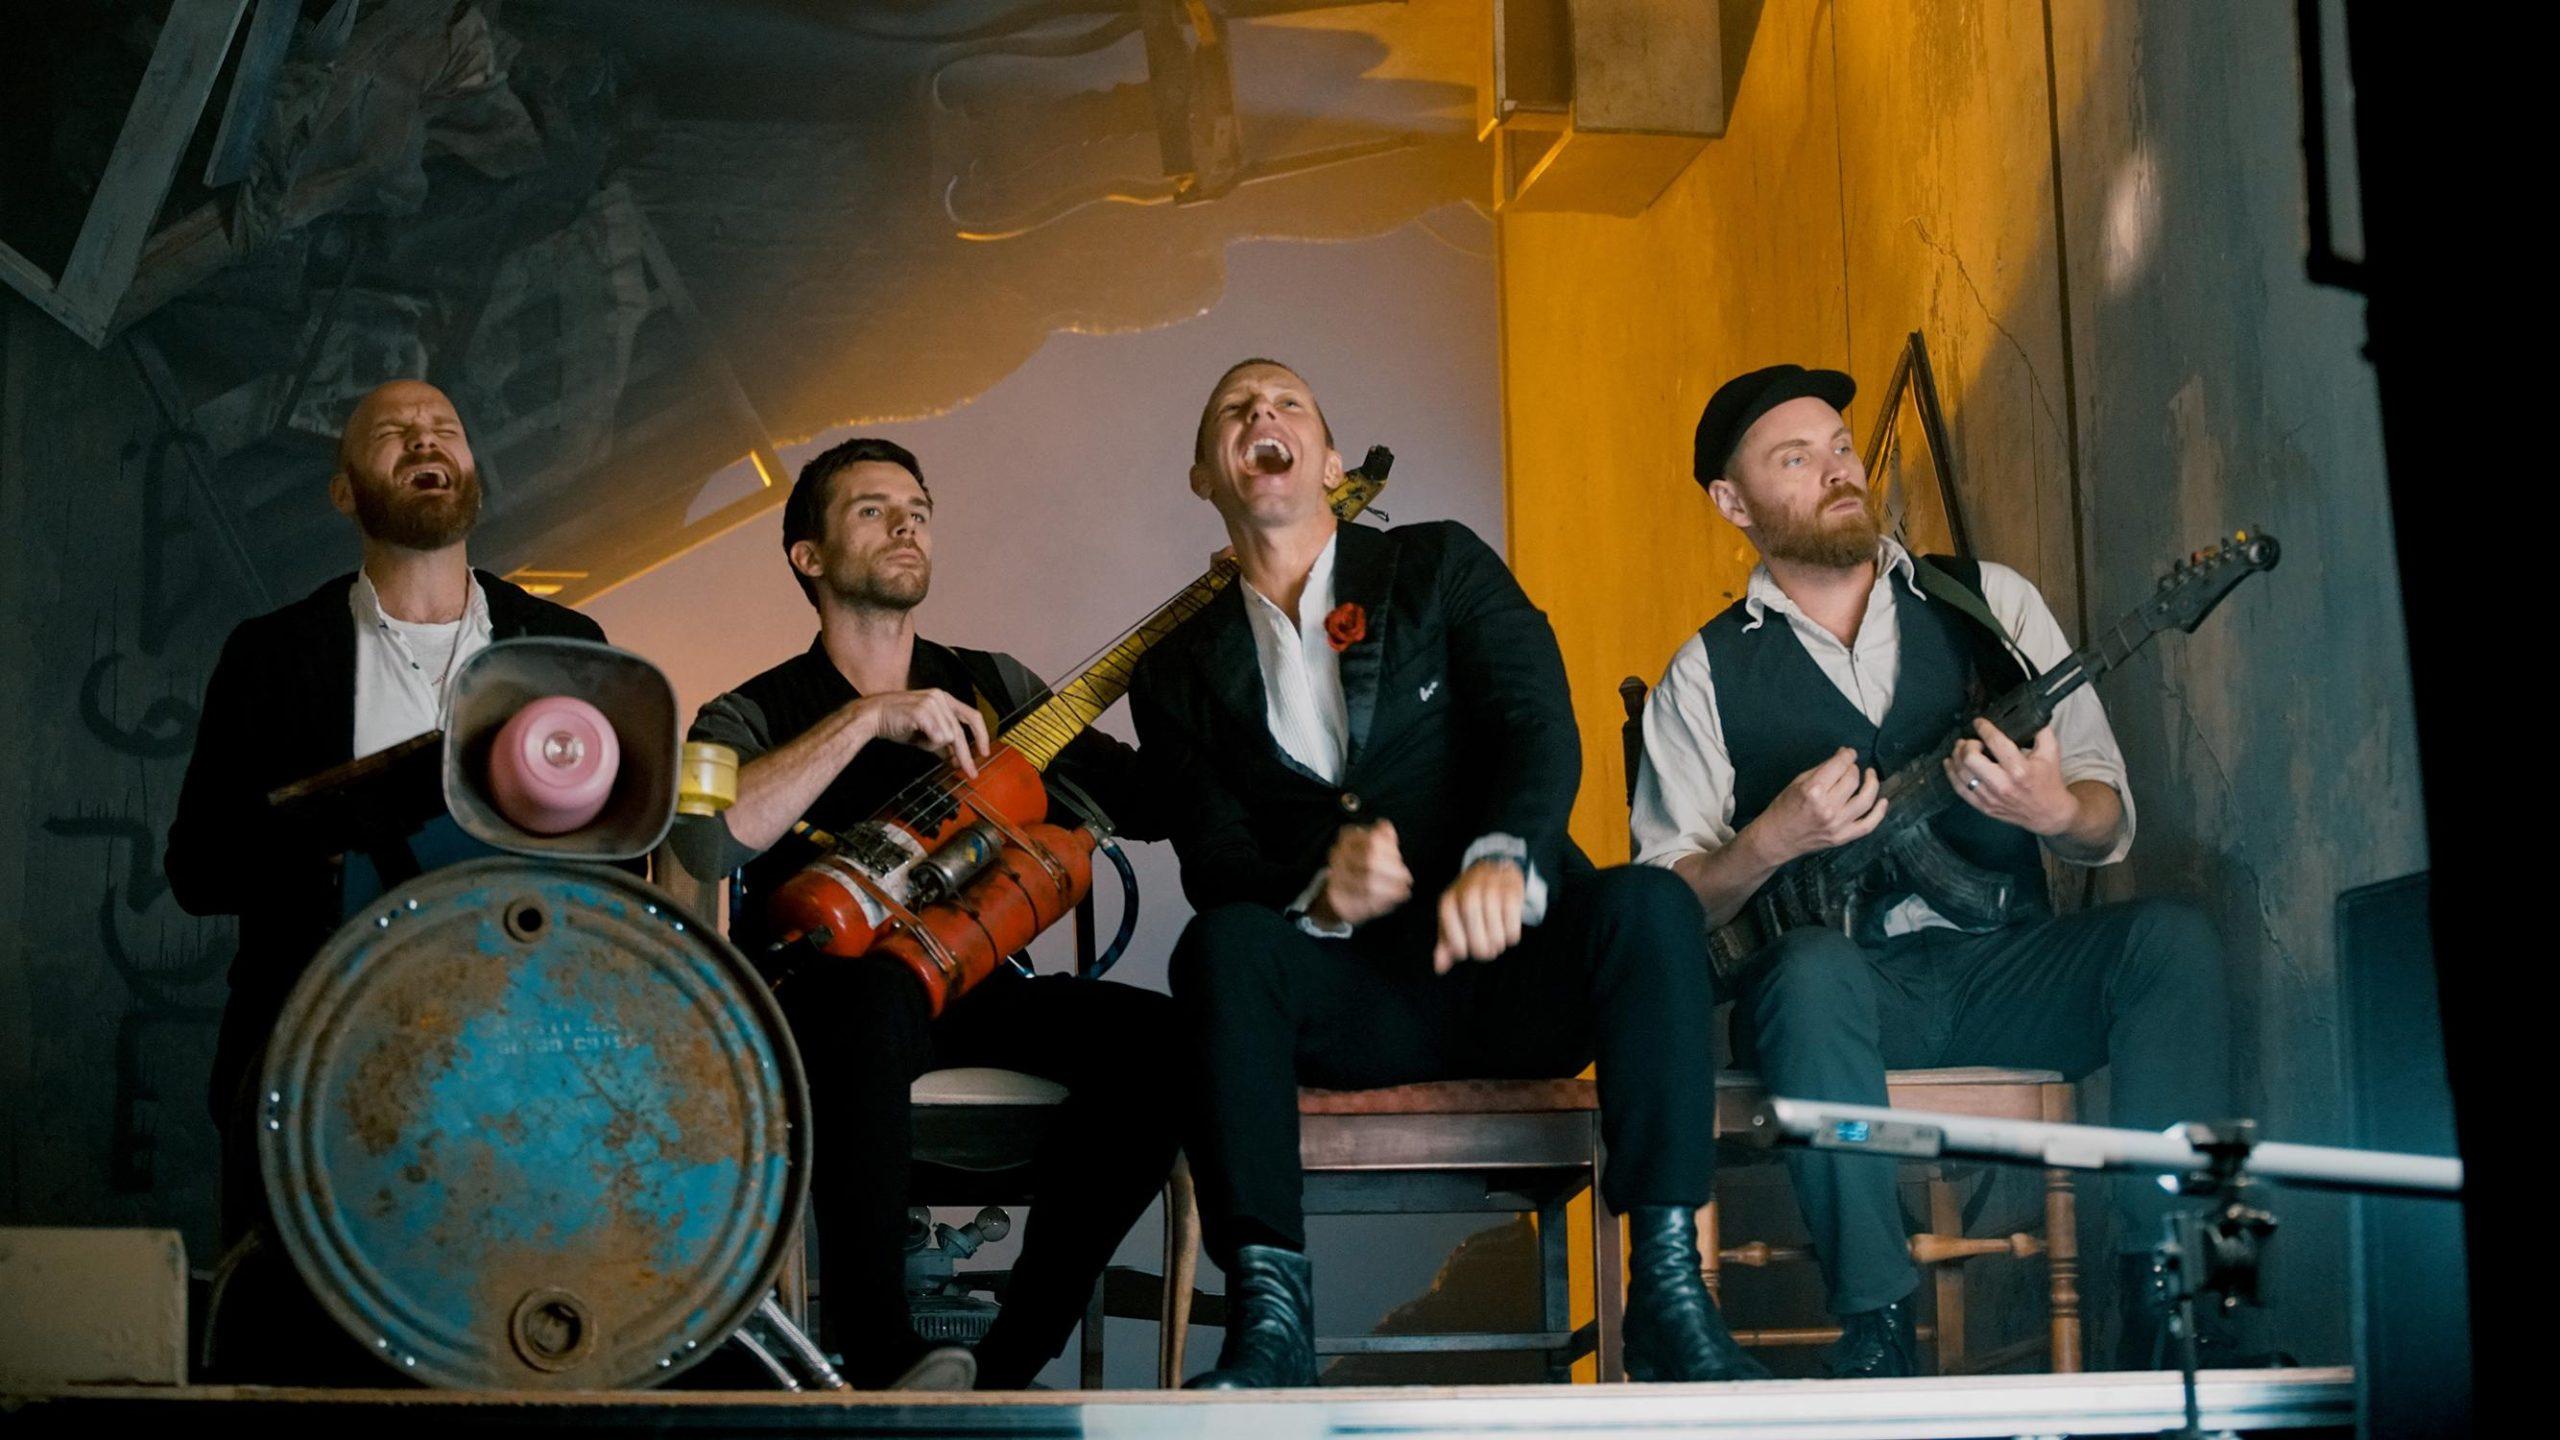 Fotografia colorida da banda Coldplay. Os quatro membros da banda estão sentados em cadeiras de madeira lado a lado em cadeiras de madeira segurando seus instrumentos dentro de uma sala. Primeiro, à esquerda, está Will Champion, um homem branco, careca e de barba ruiva, que veste uma camisa branca e um blazer preto. Ele está cantando, de olhos fechados, e tocando o surdo da bateria que tem uma estampa de mapa-mundi. Ao lado dele, está o baixista Guy Berrymen, um homem branco de barba e cabelos curtos castanho escuros. Ele toca seu instrumento, que é alaranjado, e veste uma camisa de manga longa e calças pretas. Ao lado dele, está o vocalista Chris Martin, um homem branco de cabelos loiros e olhos azuis. Ele está cantando, olhando para cima, vestindo um terno preto com uma rosa vermelha no bolso do paletó. Depois dele, no lado direito da imagem, está o guitarrista Johnny Buckland, um homem branco de cabelos ruivos. Ele toca seu instrumento olhando para o lado direito da imagem e veste uma camisa branca e um colete preto. A sala em que a banda está tem paredes cinzas e uma iluminação amarelada atrás deles.